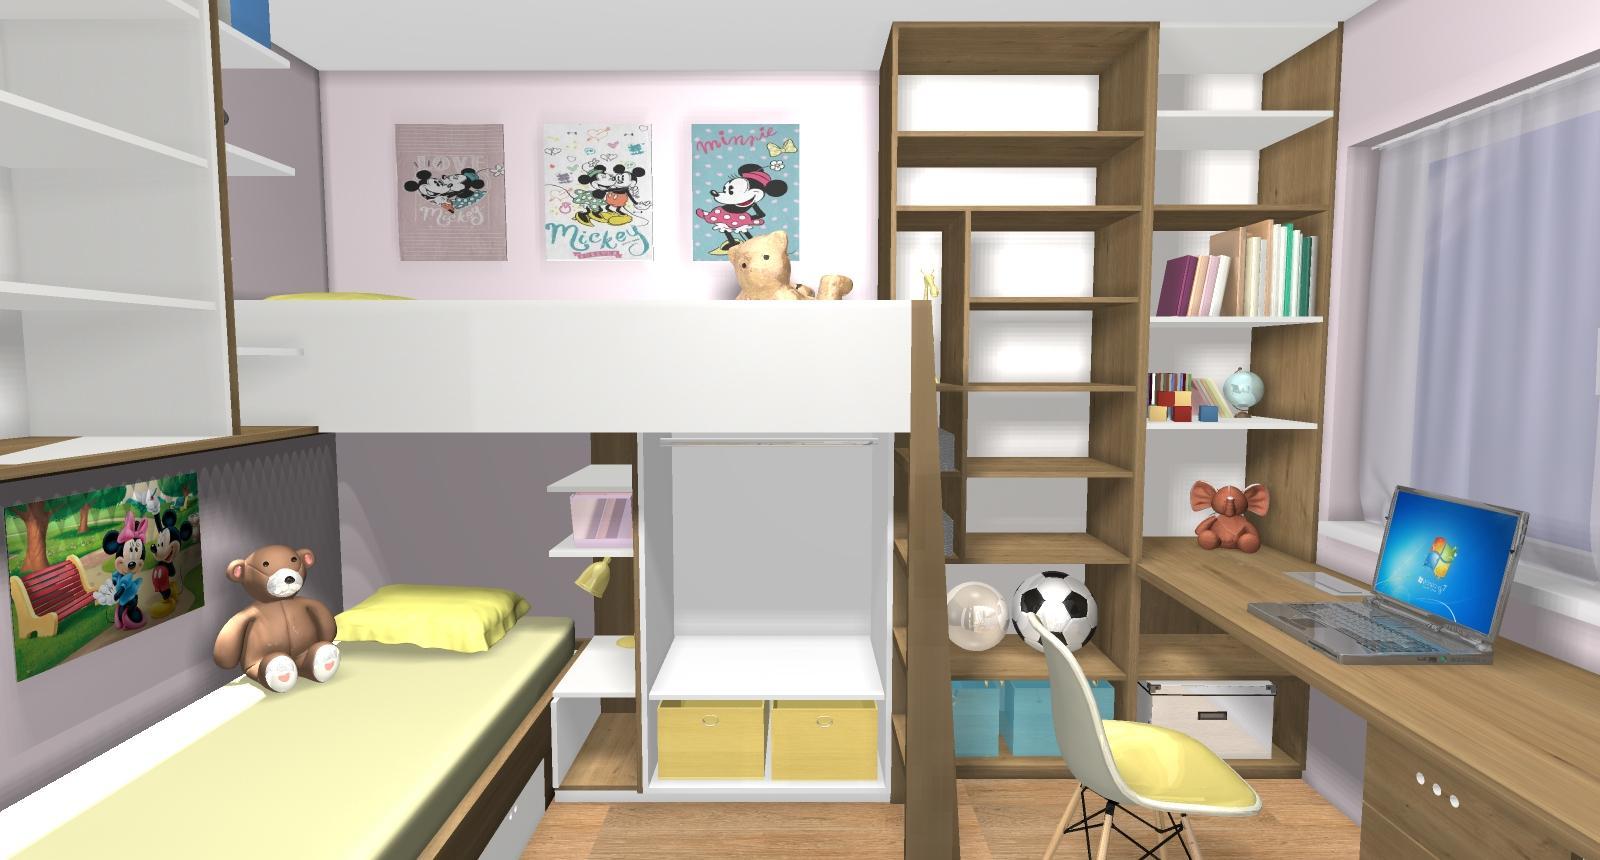 Grafické návrhy interiér 2019 - Grafický návrh detskej izby pre dve dievčatká - verzia 2 - obr.4